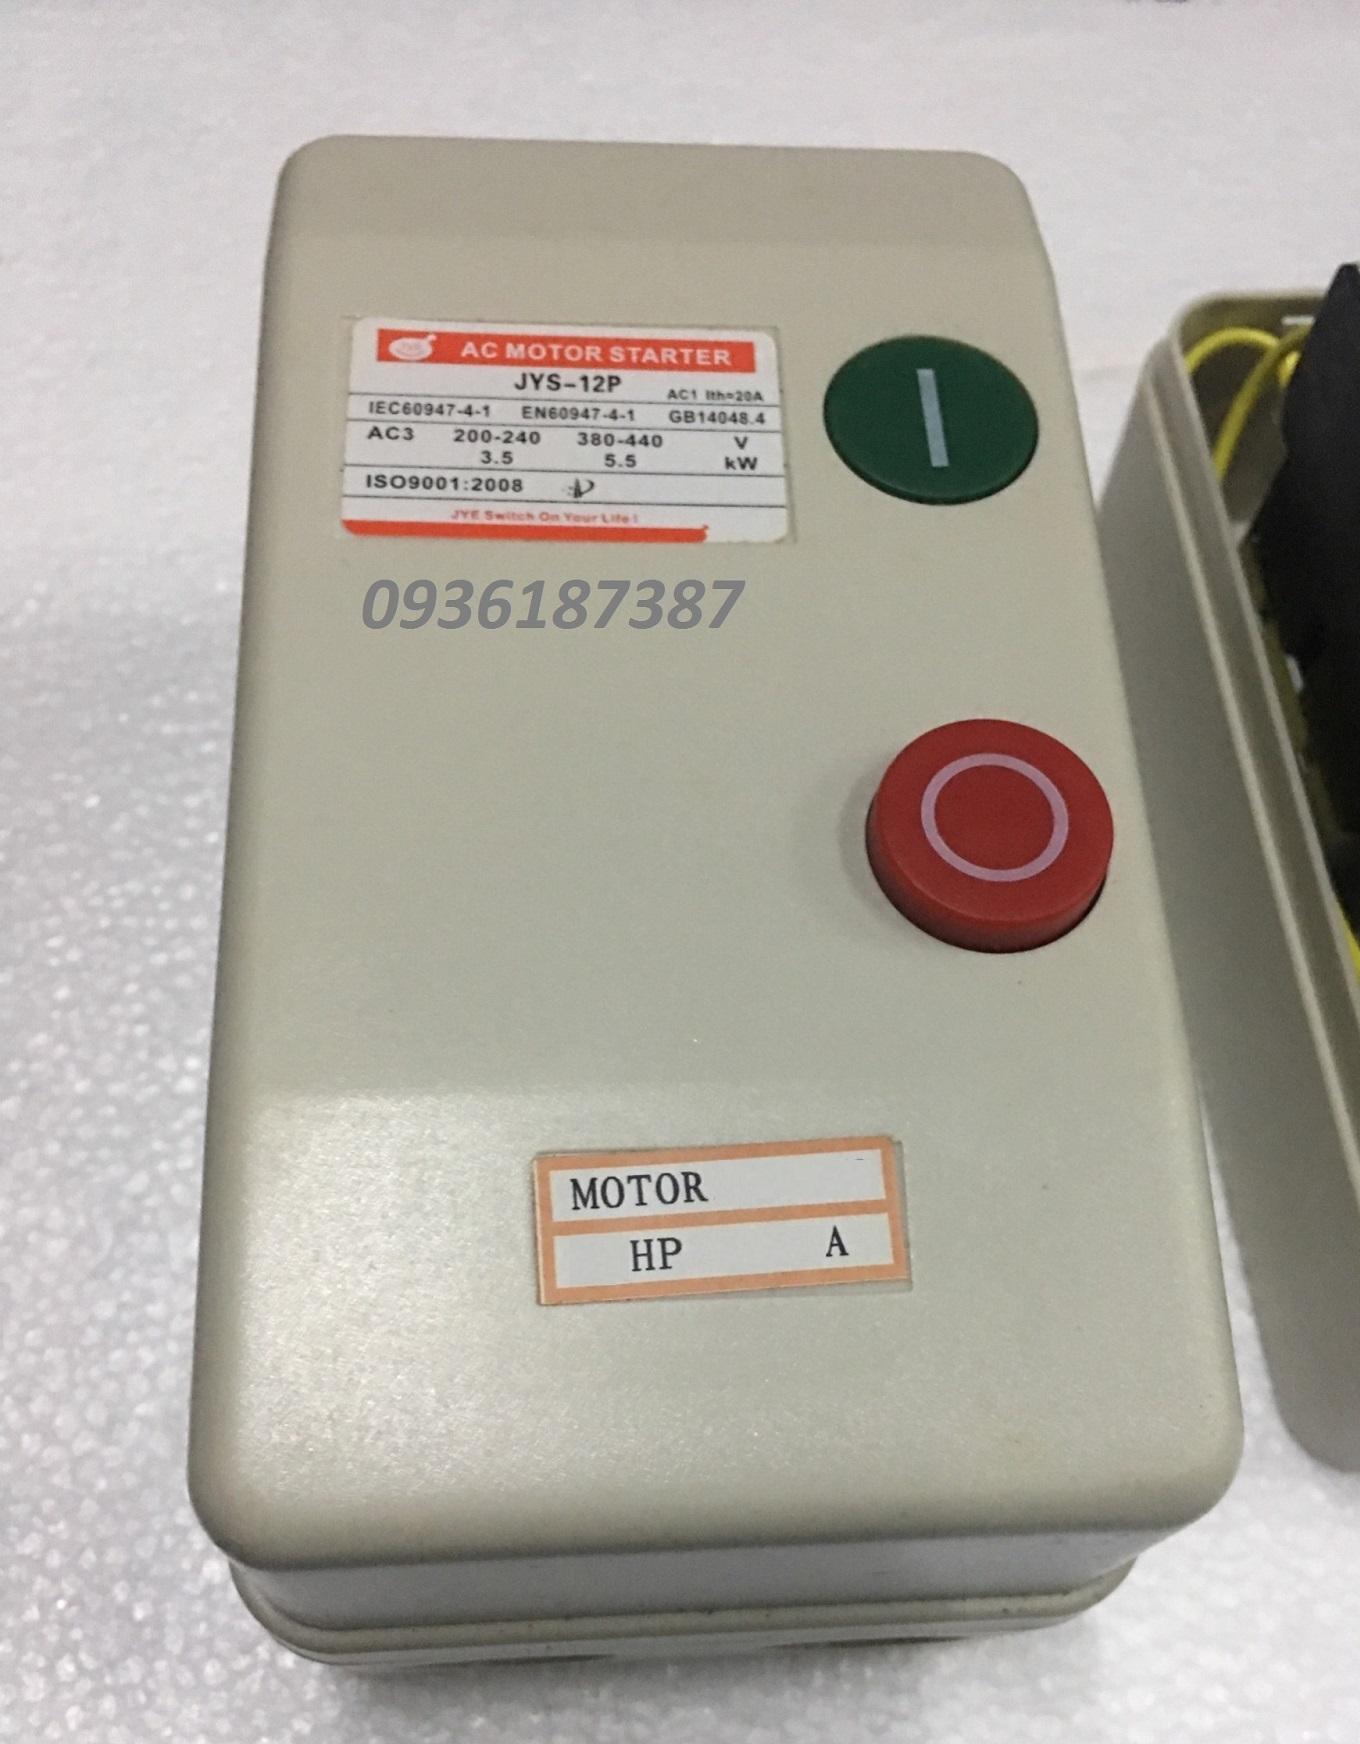 Khởi động từ hộp 11 A (9-13A) - coil 380V  dùng cho động cơ 5.5kw (7.5hp)